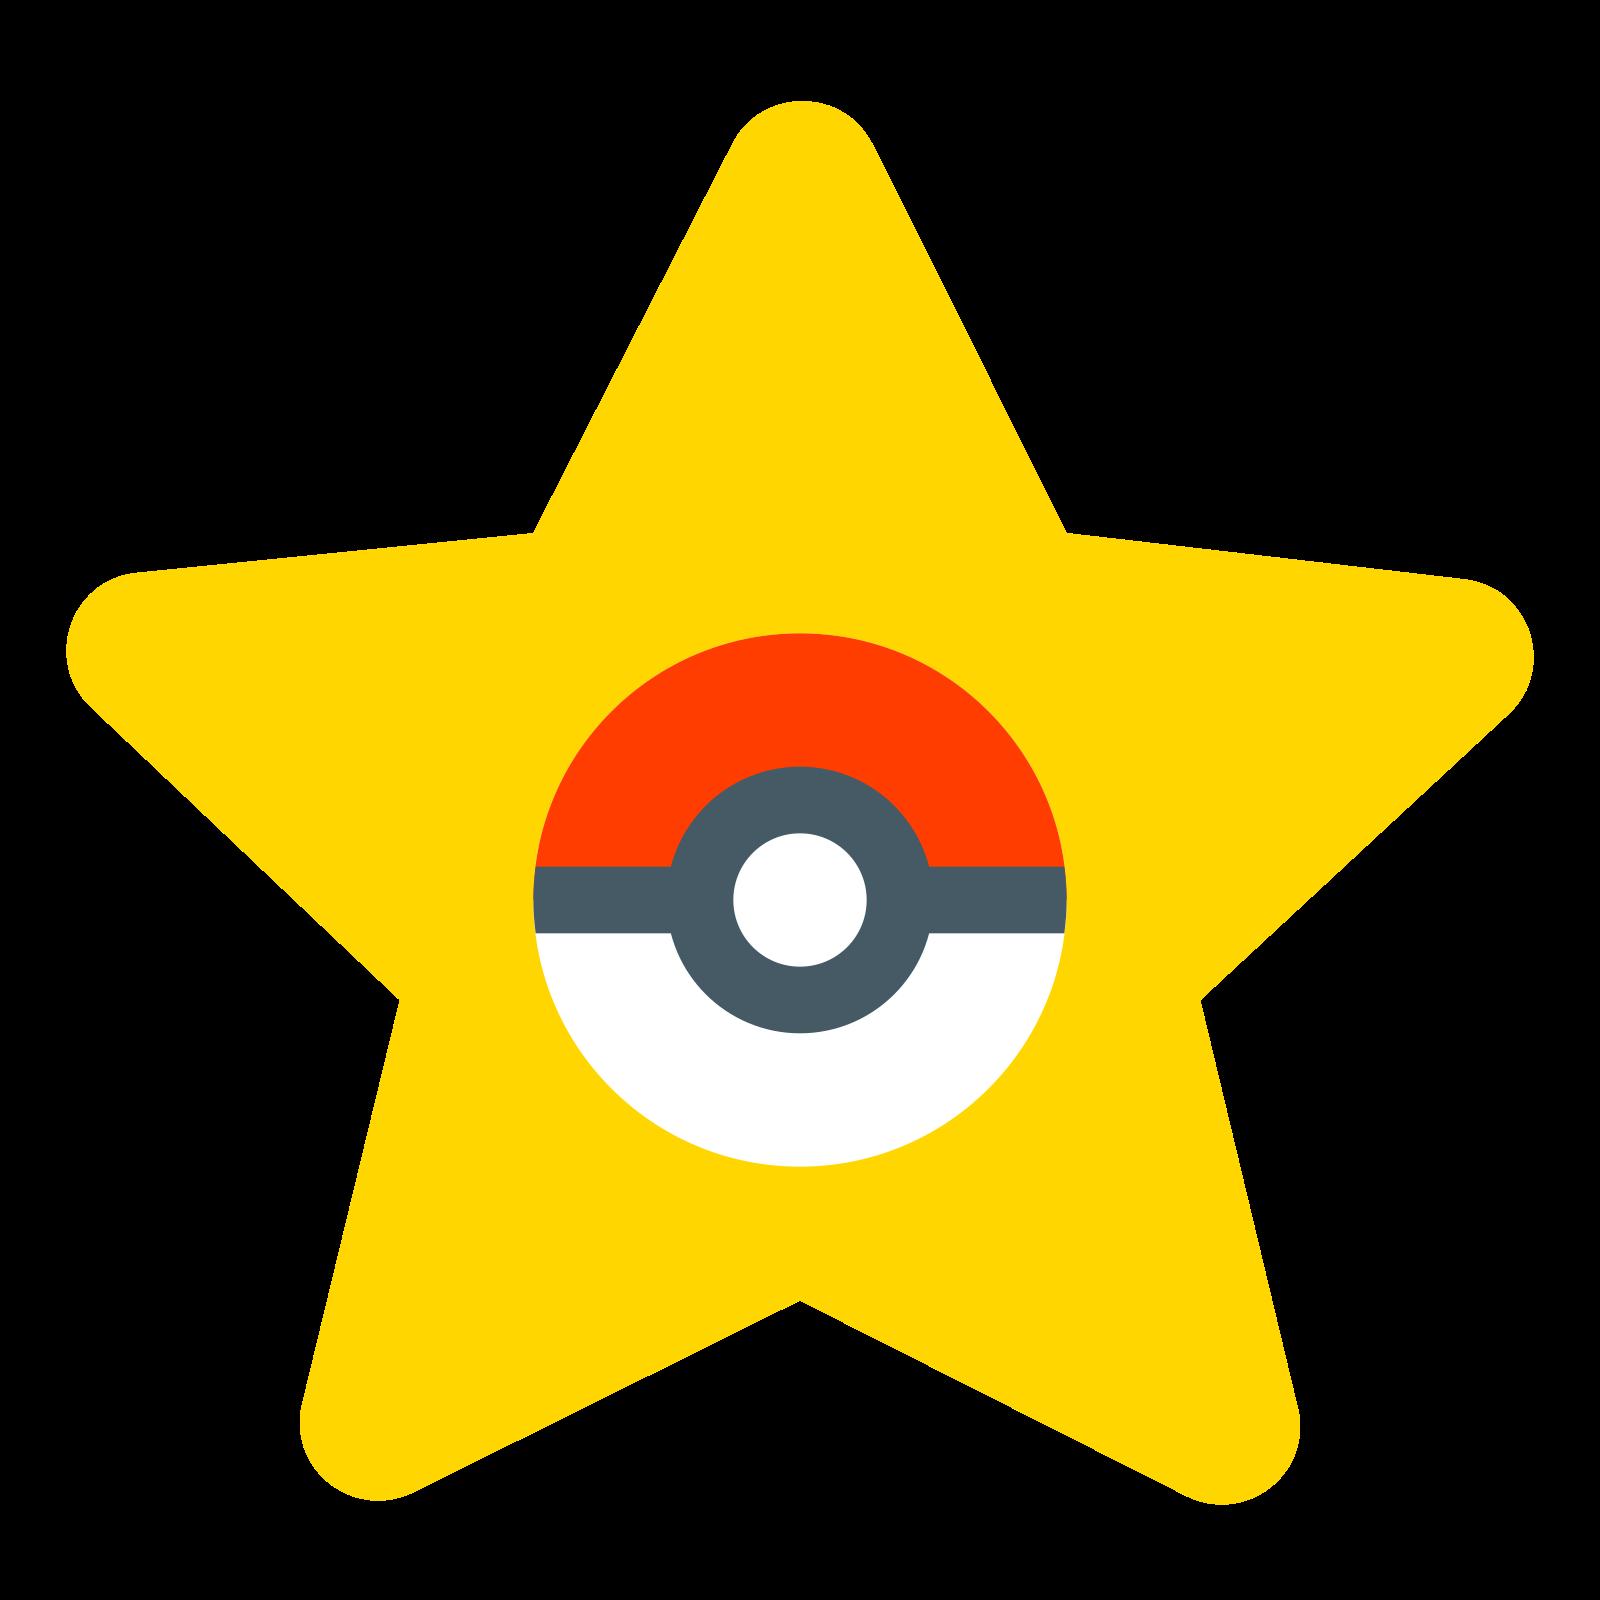 Star Pokemon icon